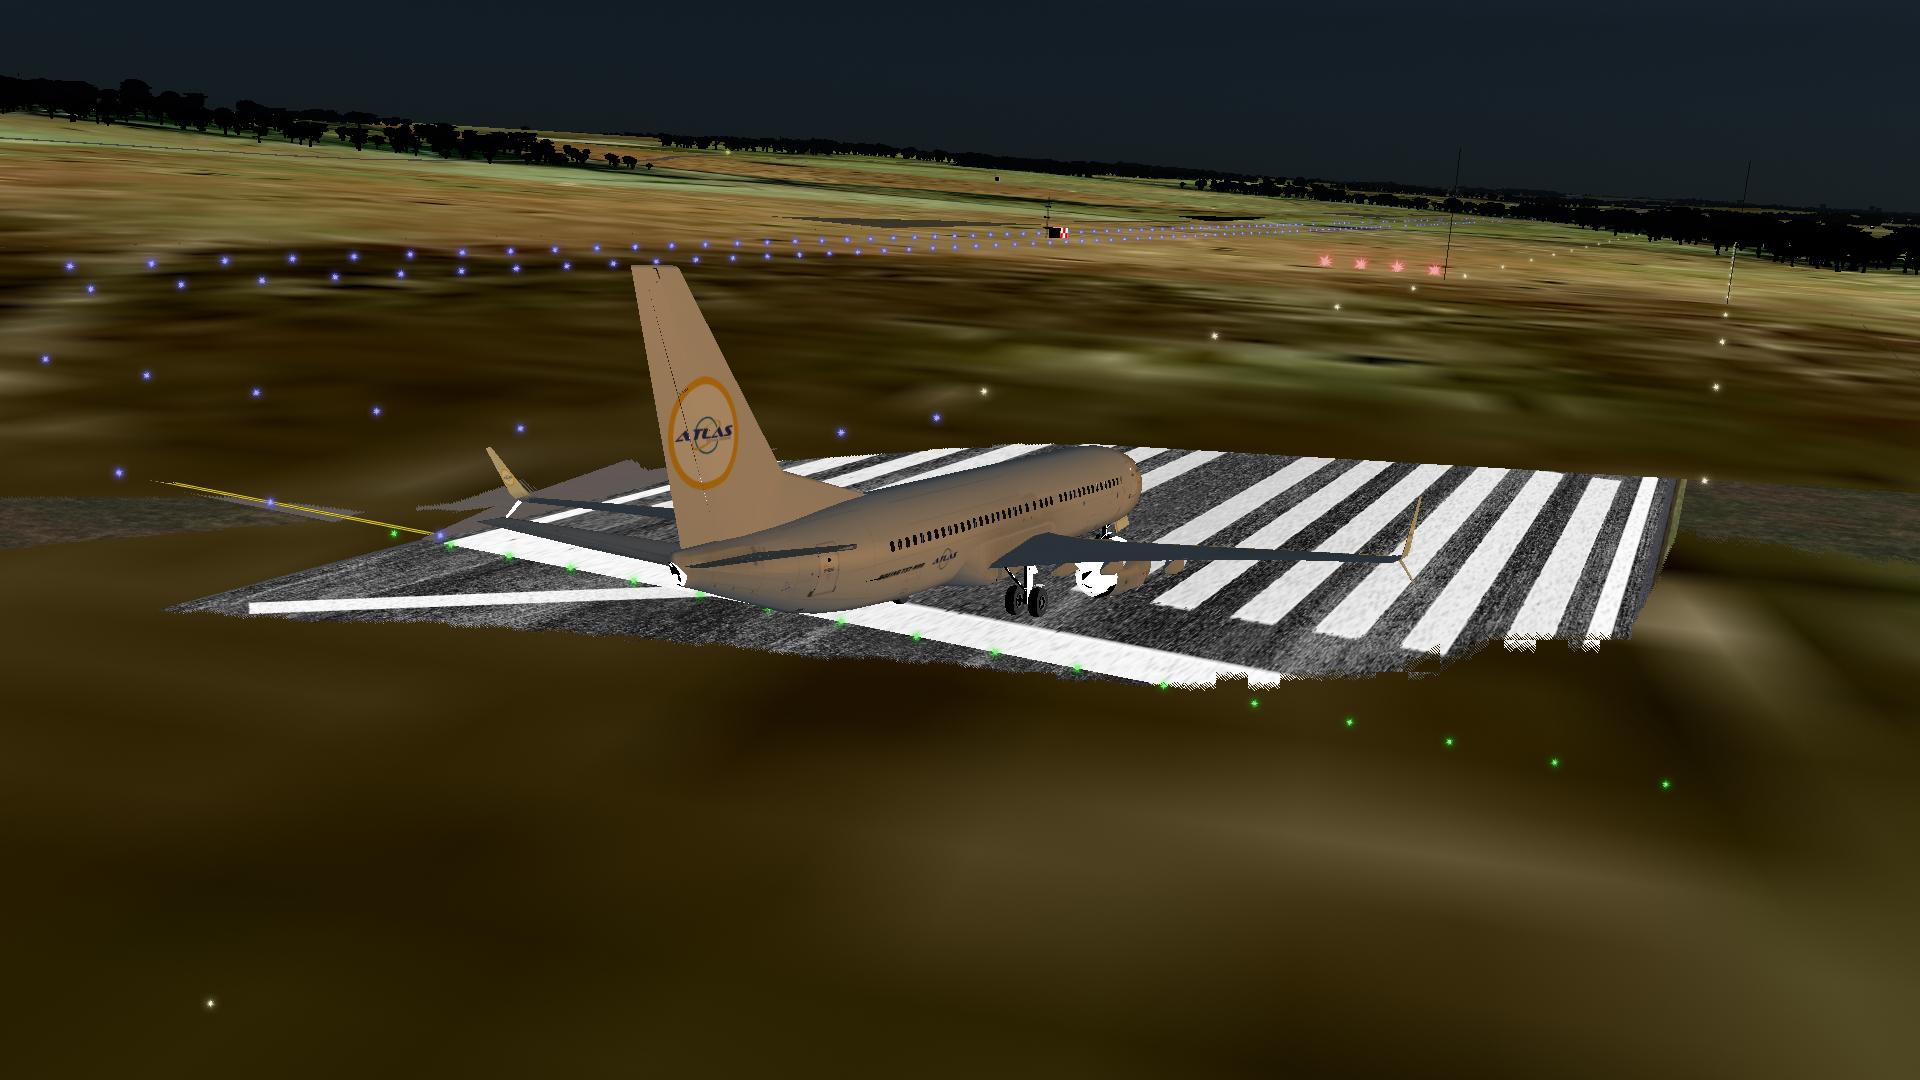 Atlas Virtual Airlines B738 at SGAS runway.